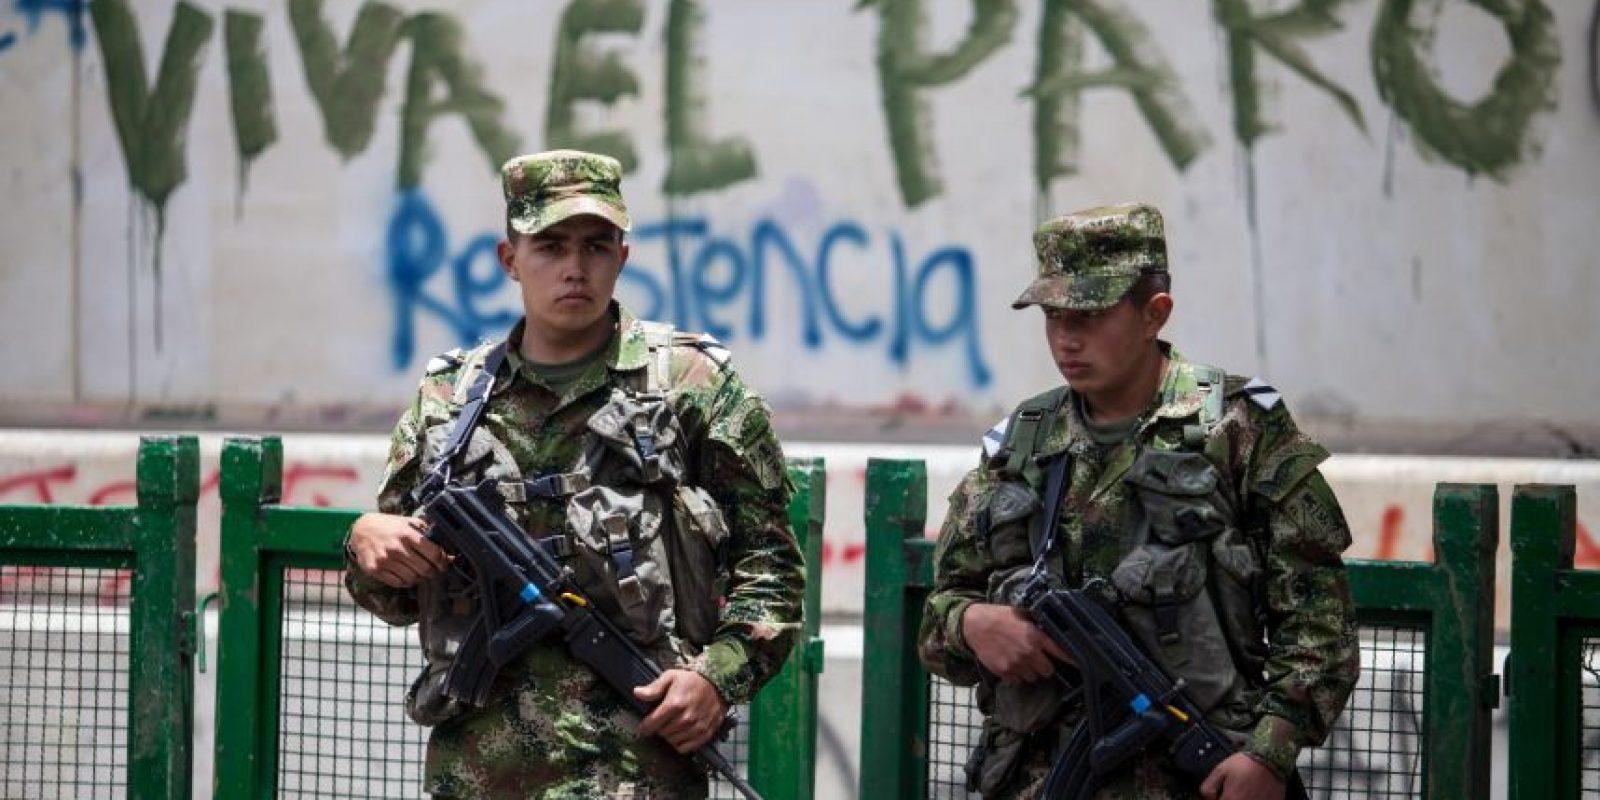 Foto: Juan José Horta/PUBLIMETROFoto: Juan José Horta/PUBLIMETRO